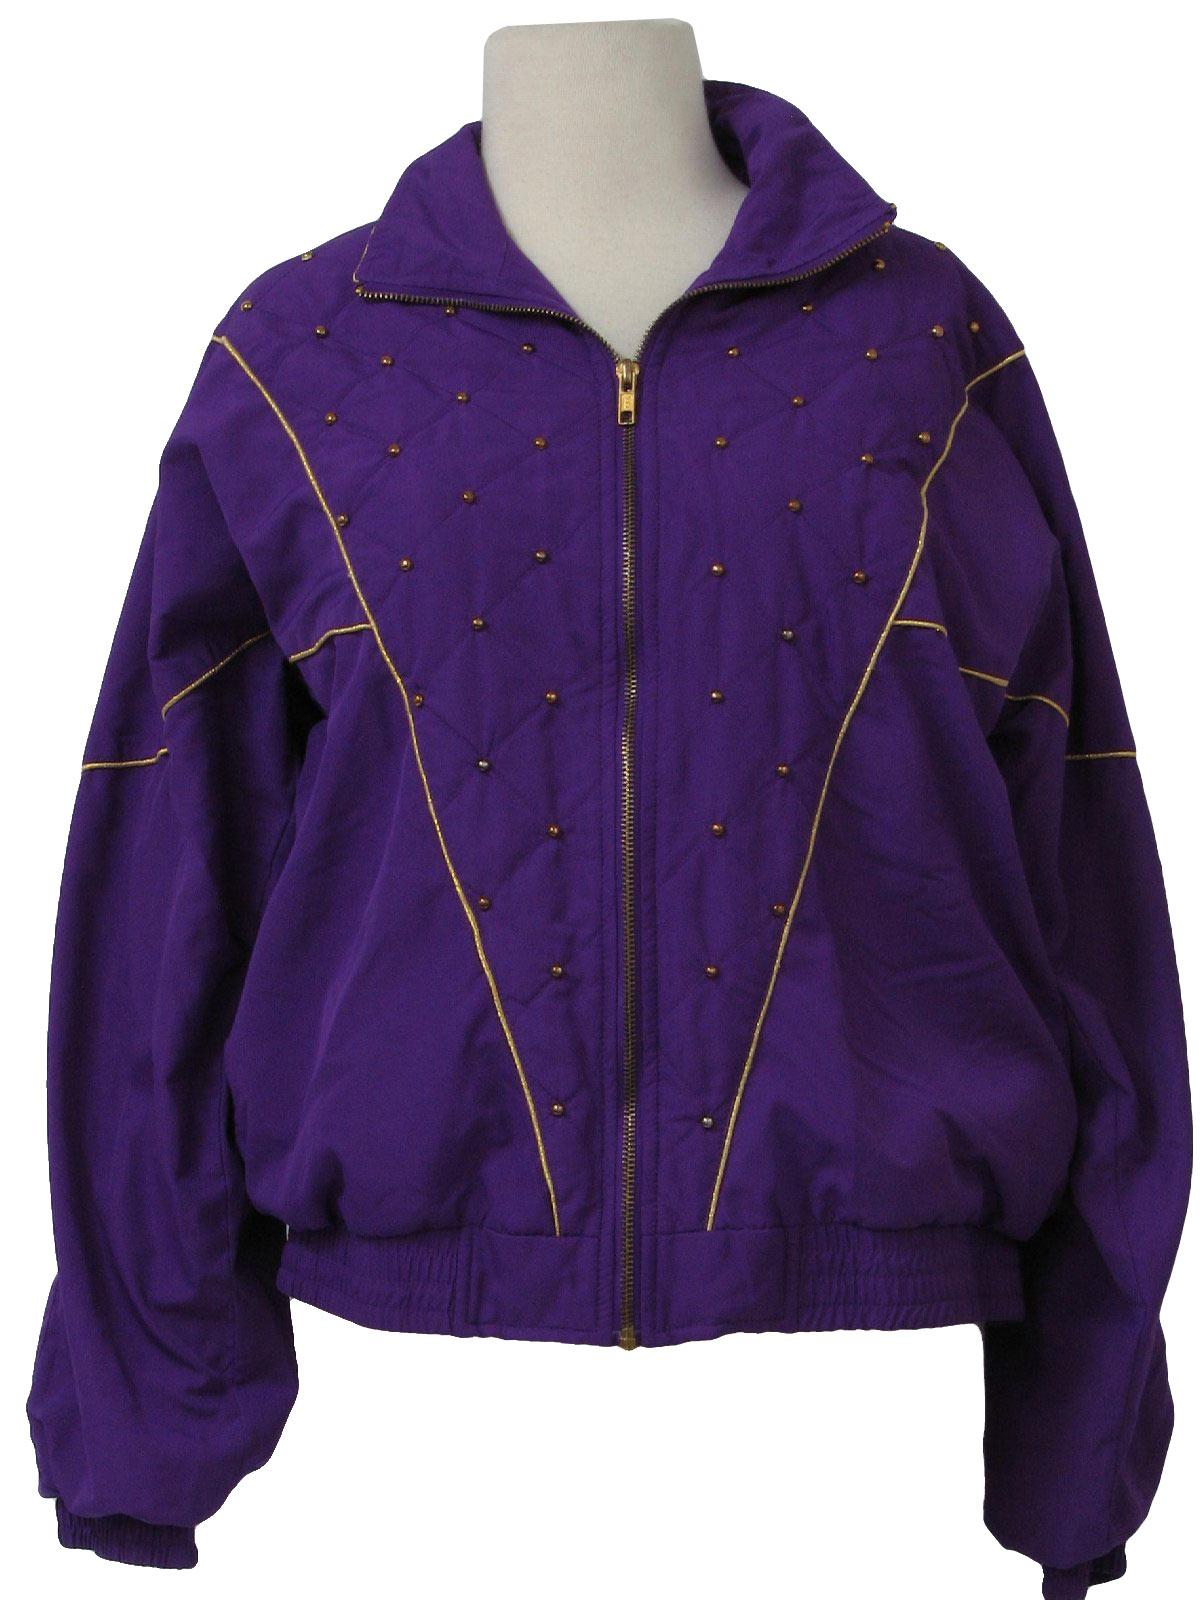 Nineties Vintage Jacket: 90s -Blair Boutiques- Womens purple